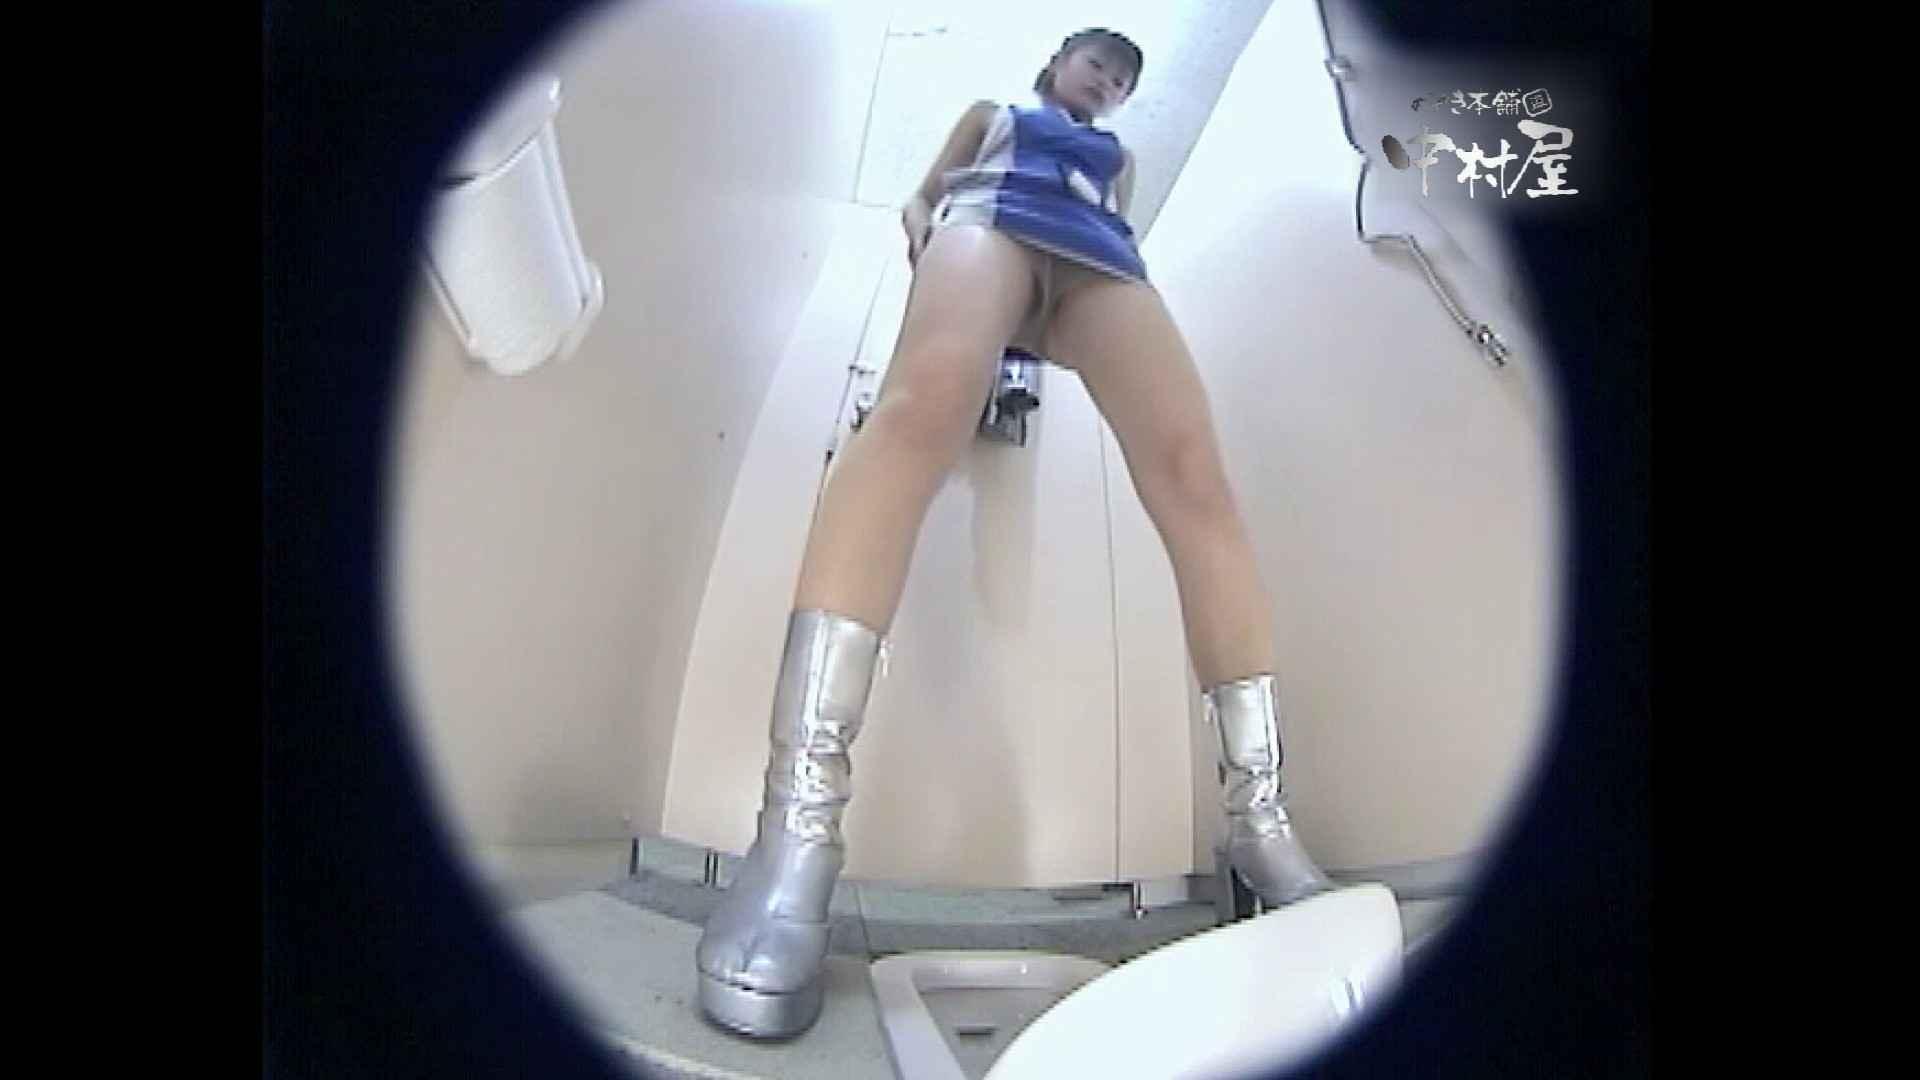 レースクィーントイレ盗撮!Vol.05 美女まとめ おめこ無修正画像 113PIX 31